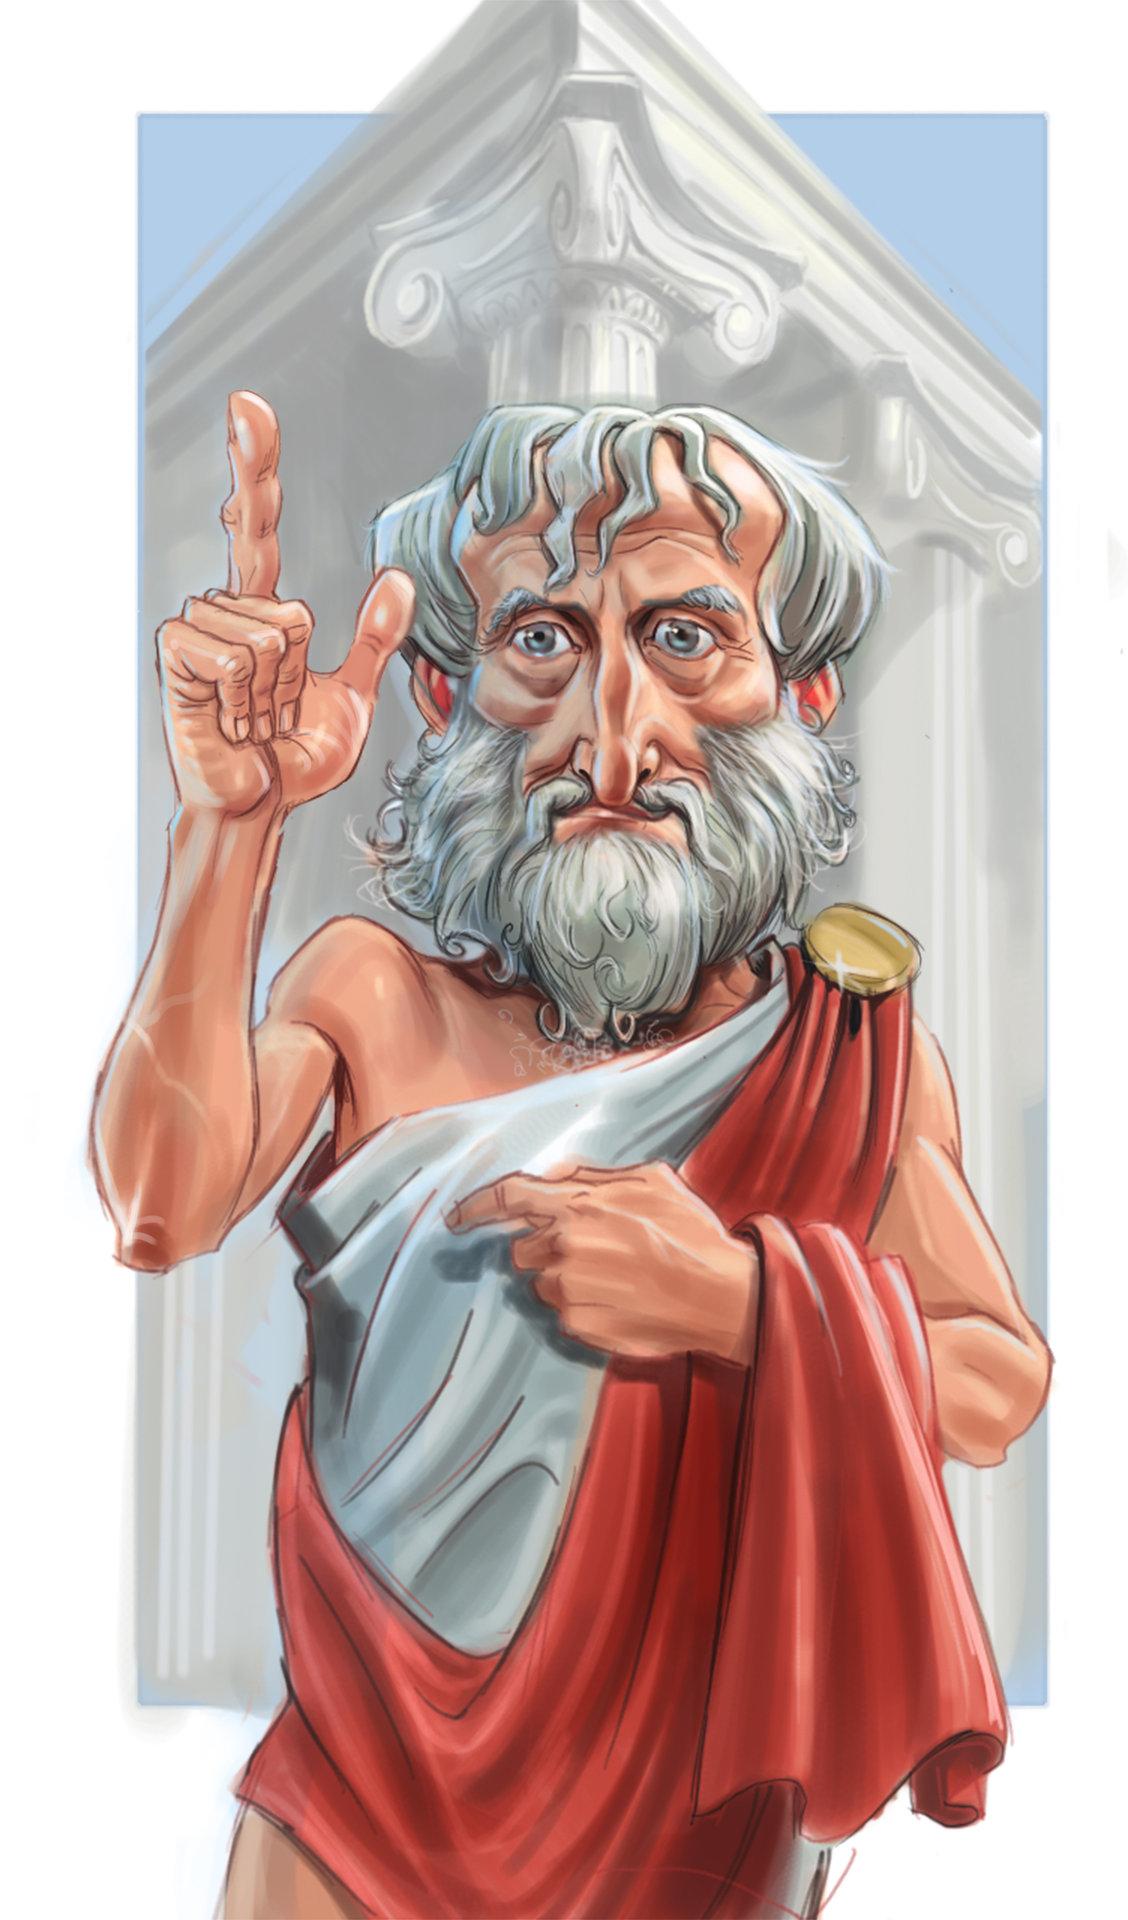 Смешные картинки философ, открыток макетирование